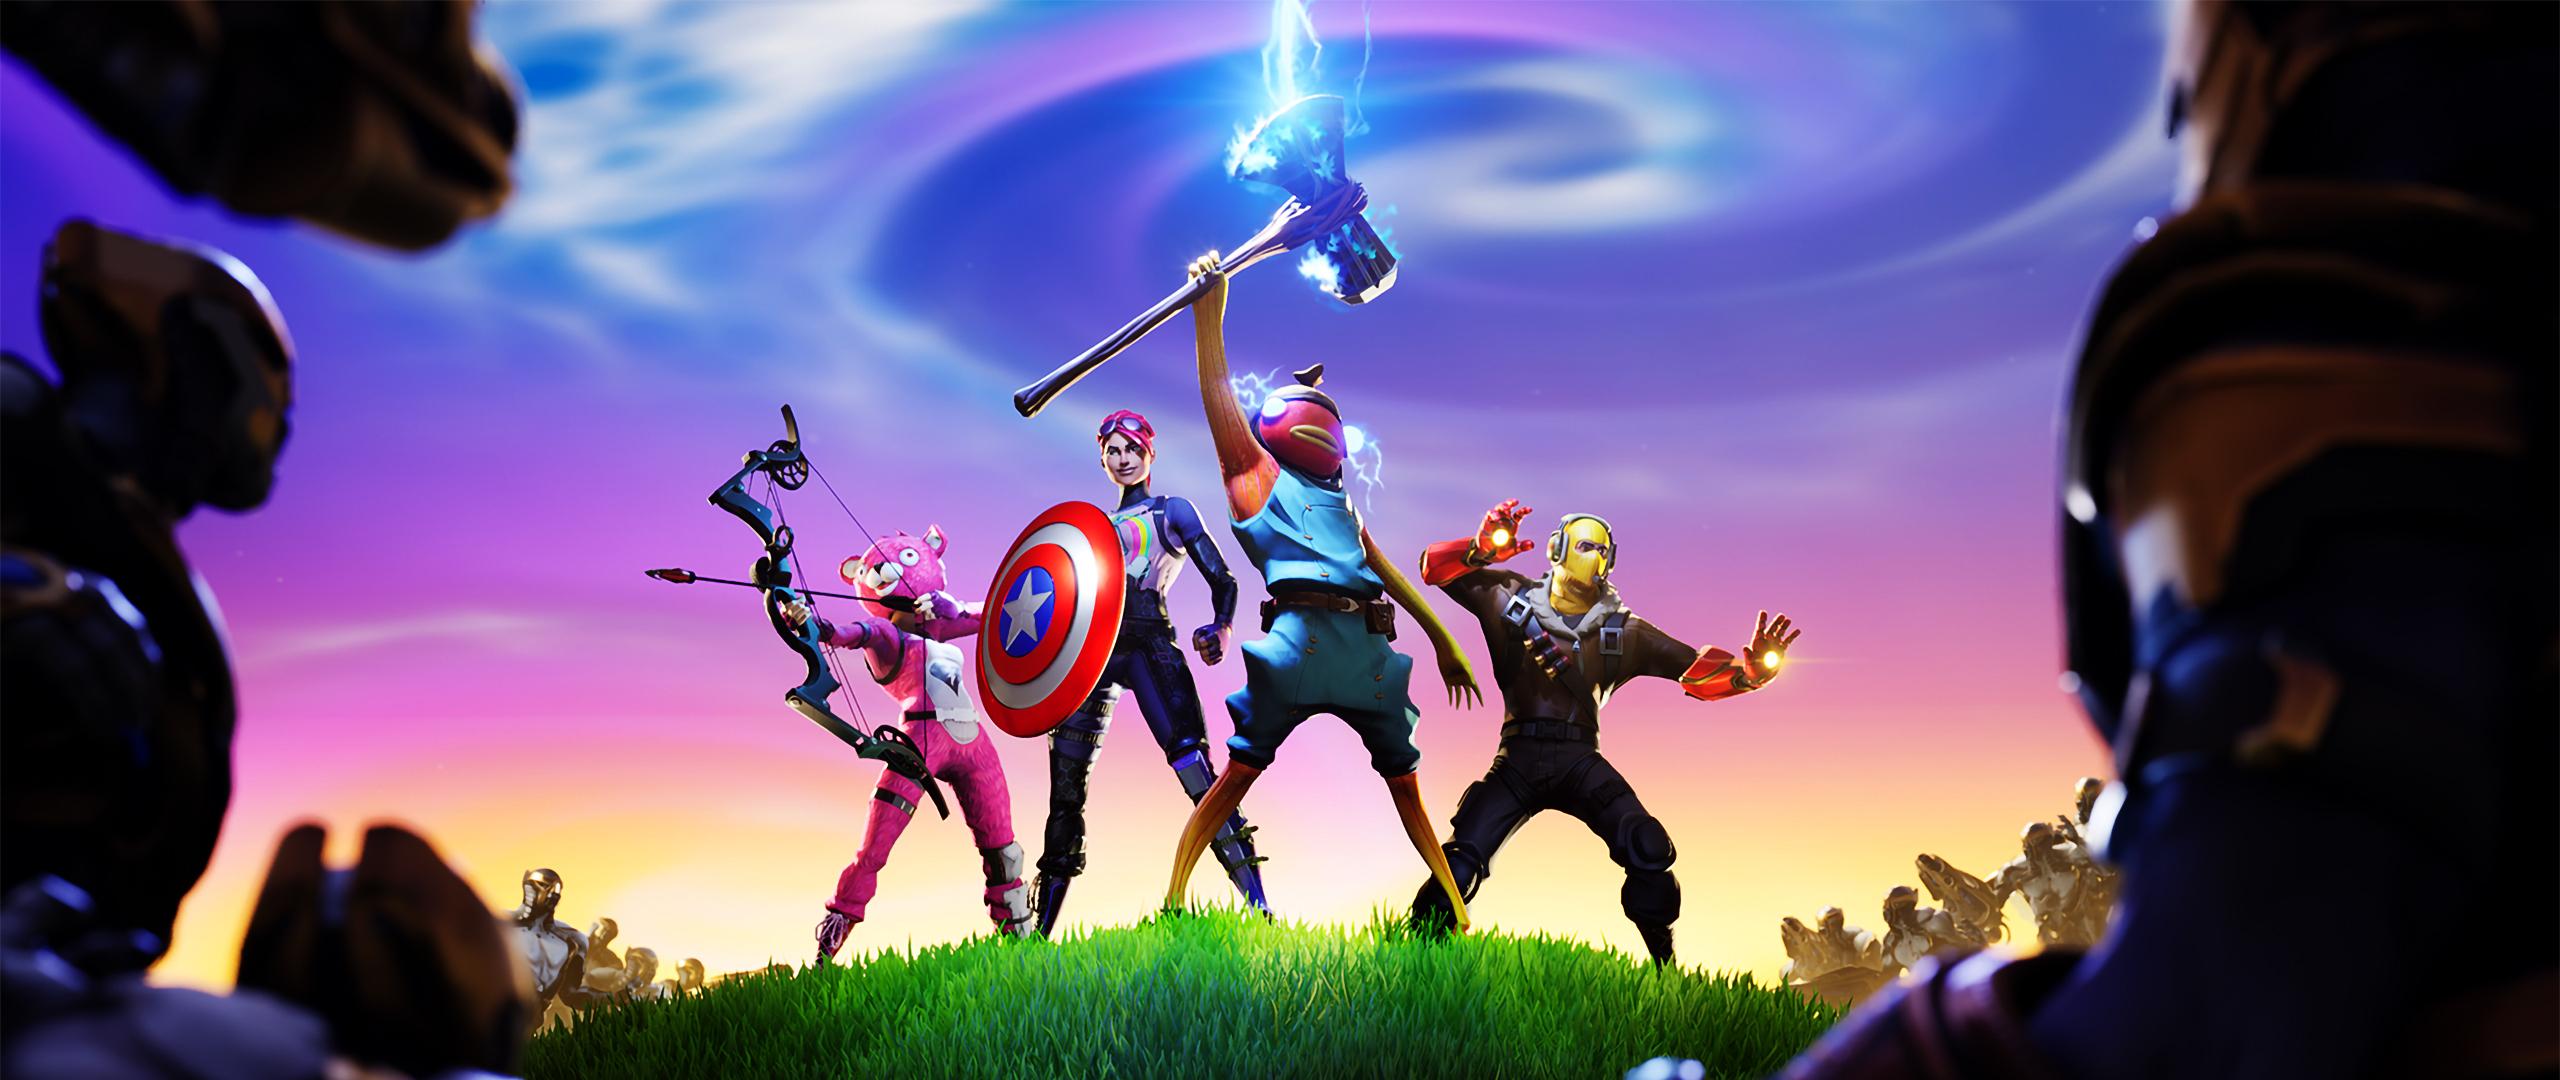 2560x1080 Fortnite x Avengers 2560x1080